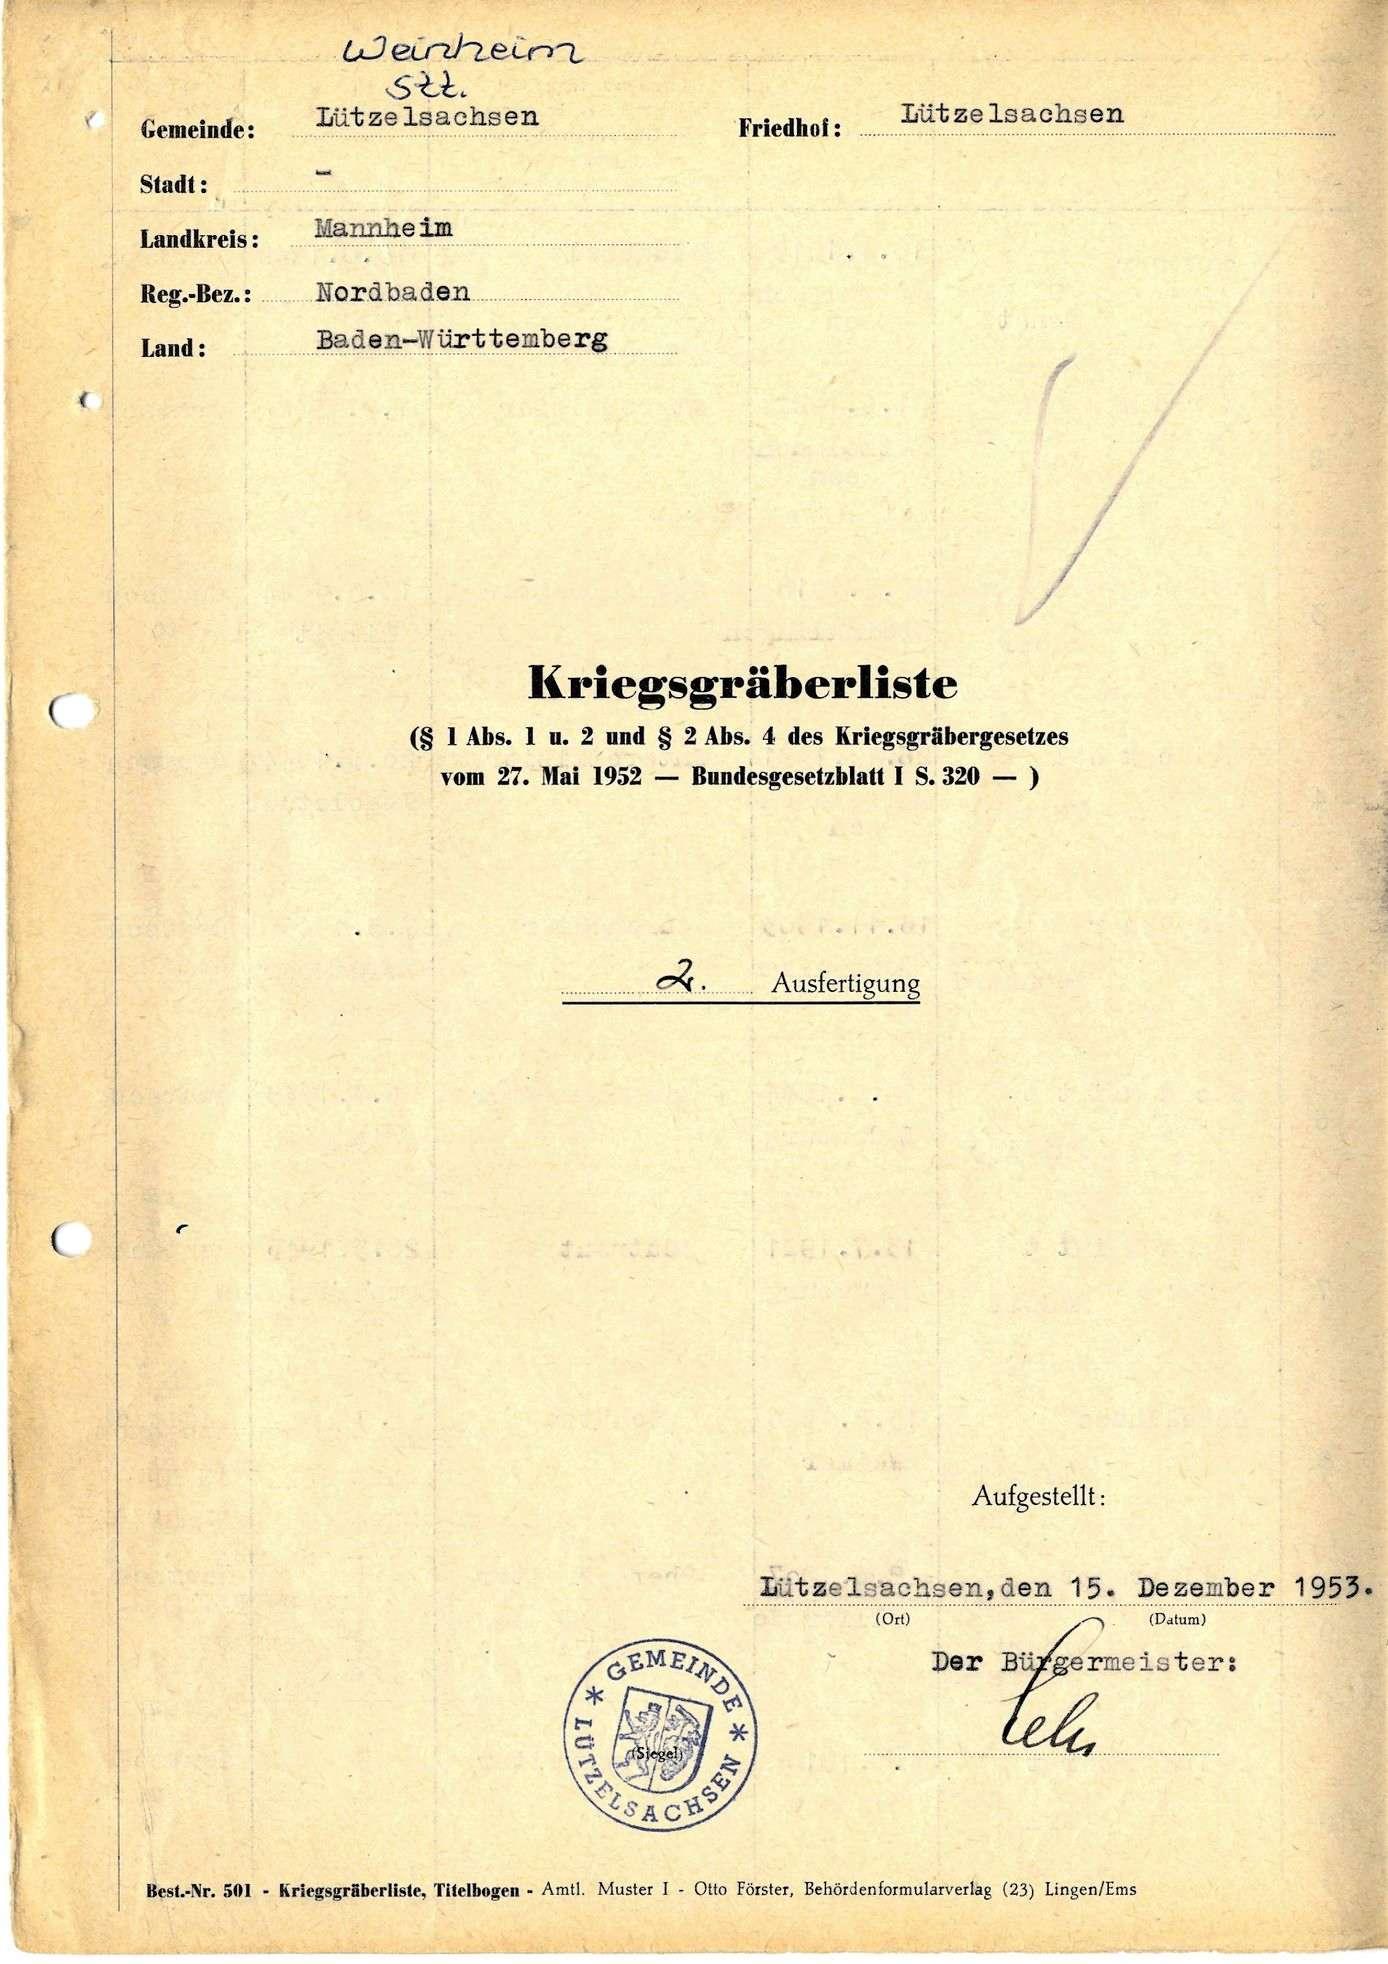 Lützelsachsen, Bild 1